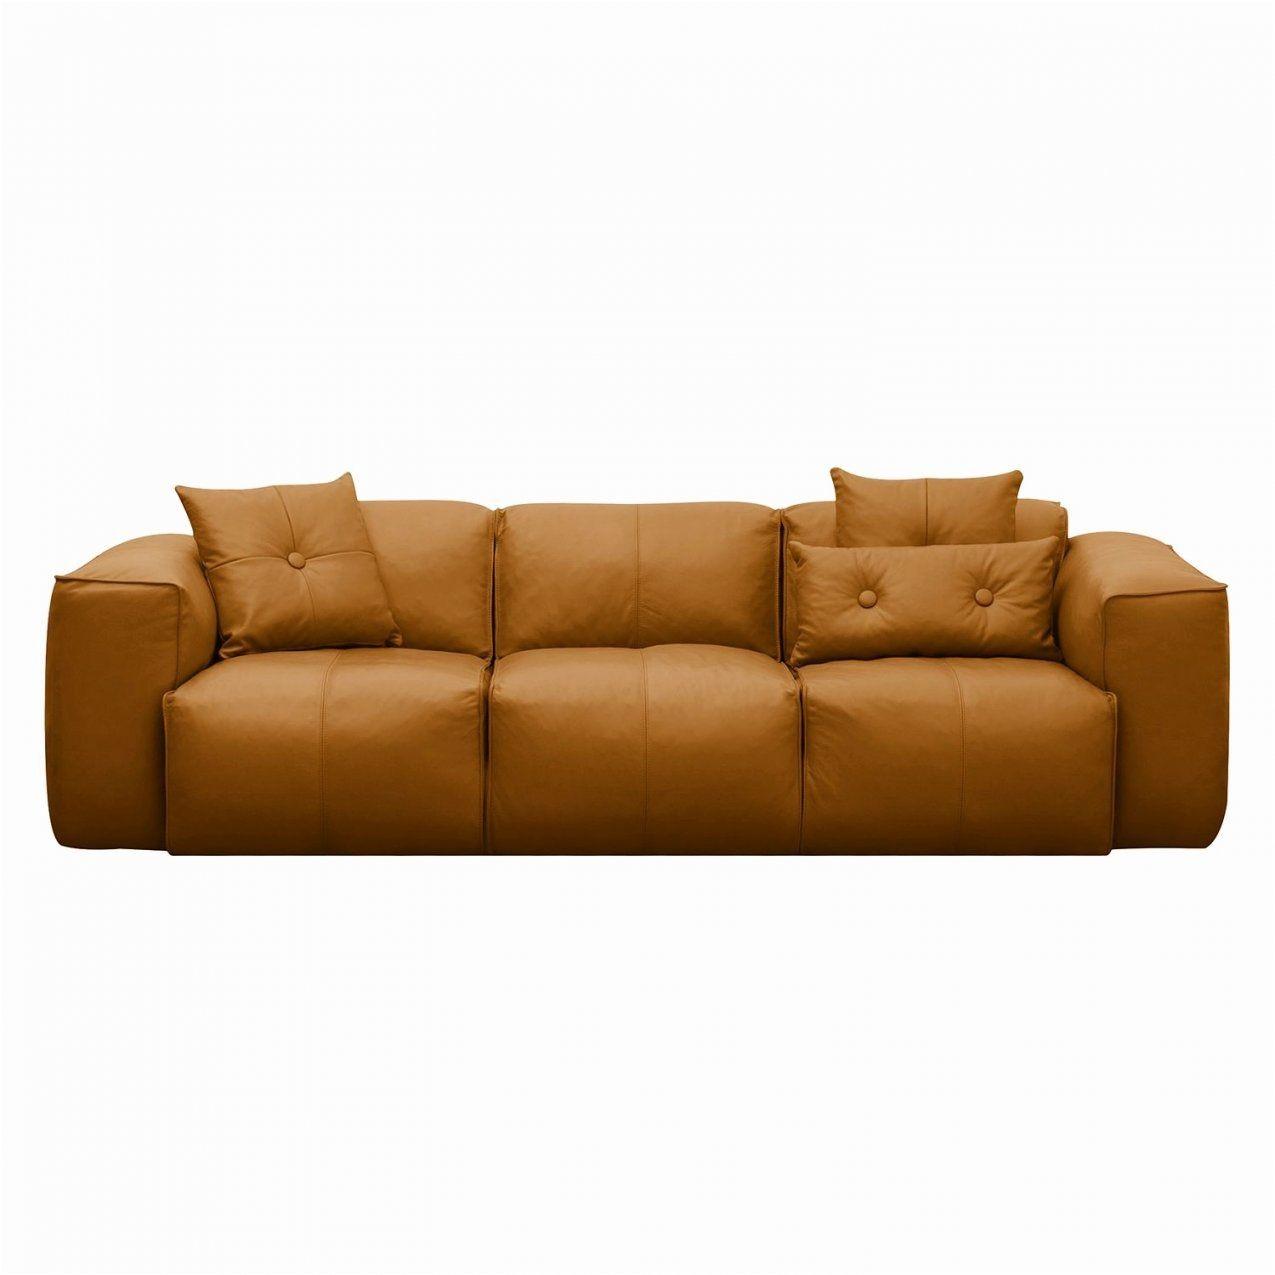 Bright Idea Sofa Auf Raten Design Erstaunlich U Form Edle von Sofa Auf Raten Kaufen Trotz Schufa Photo